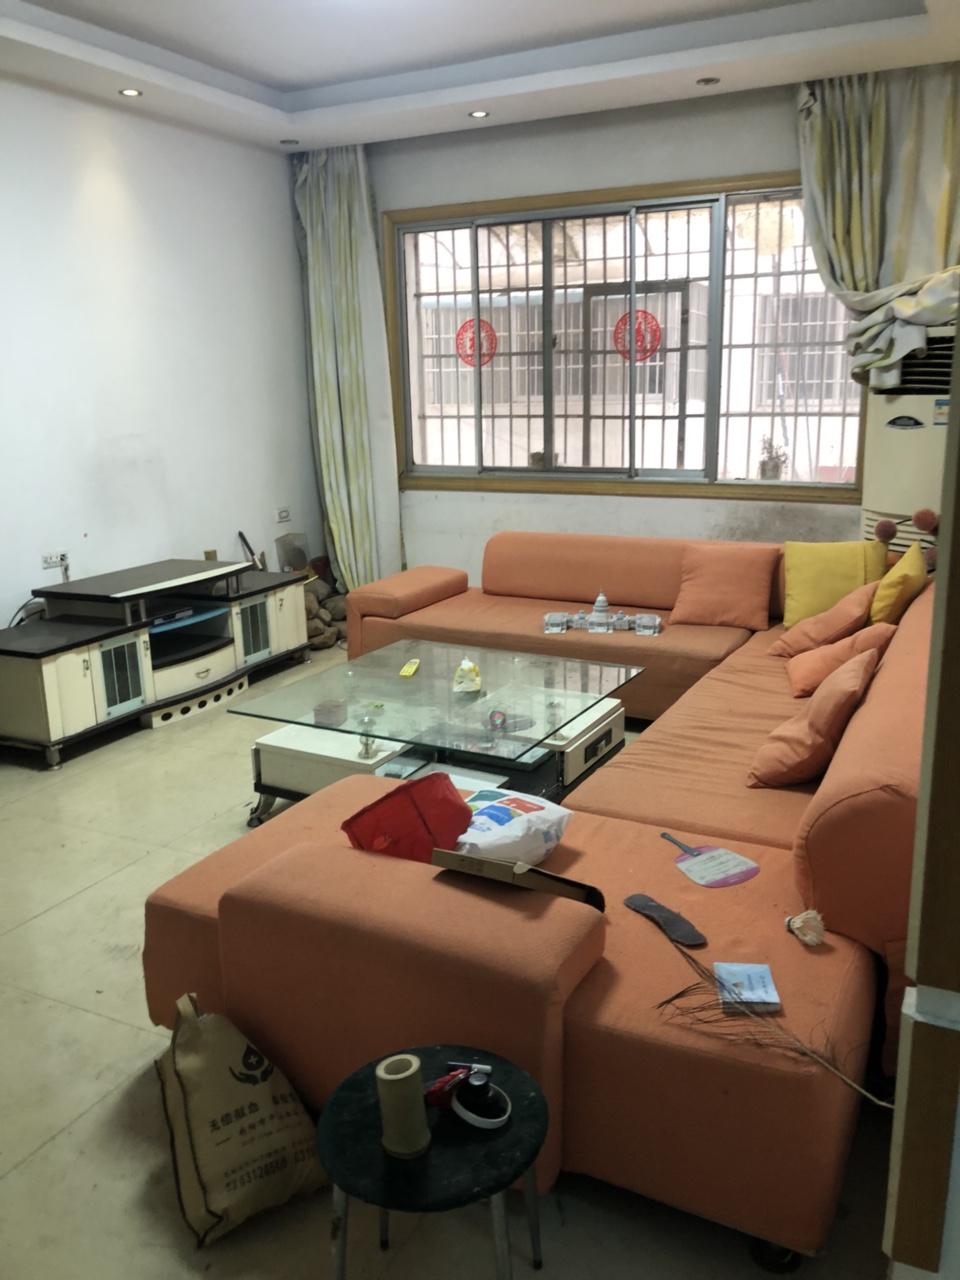 民兵基地3室2厅2卫有房产证32.8万元